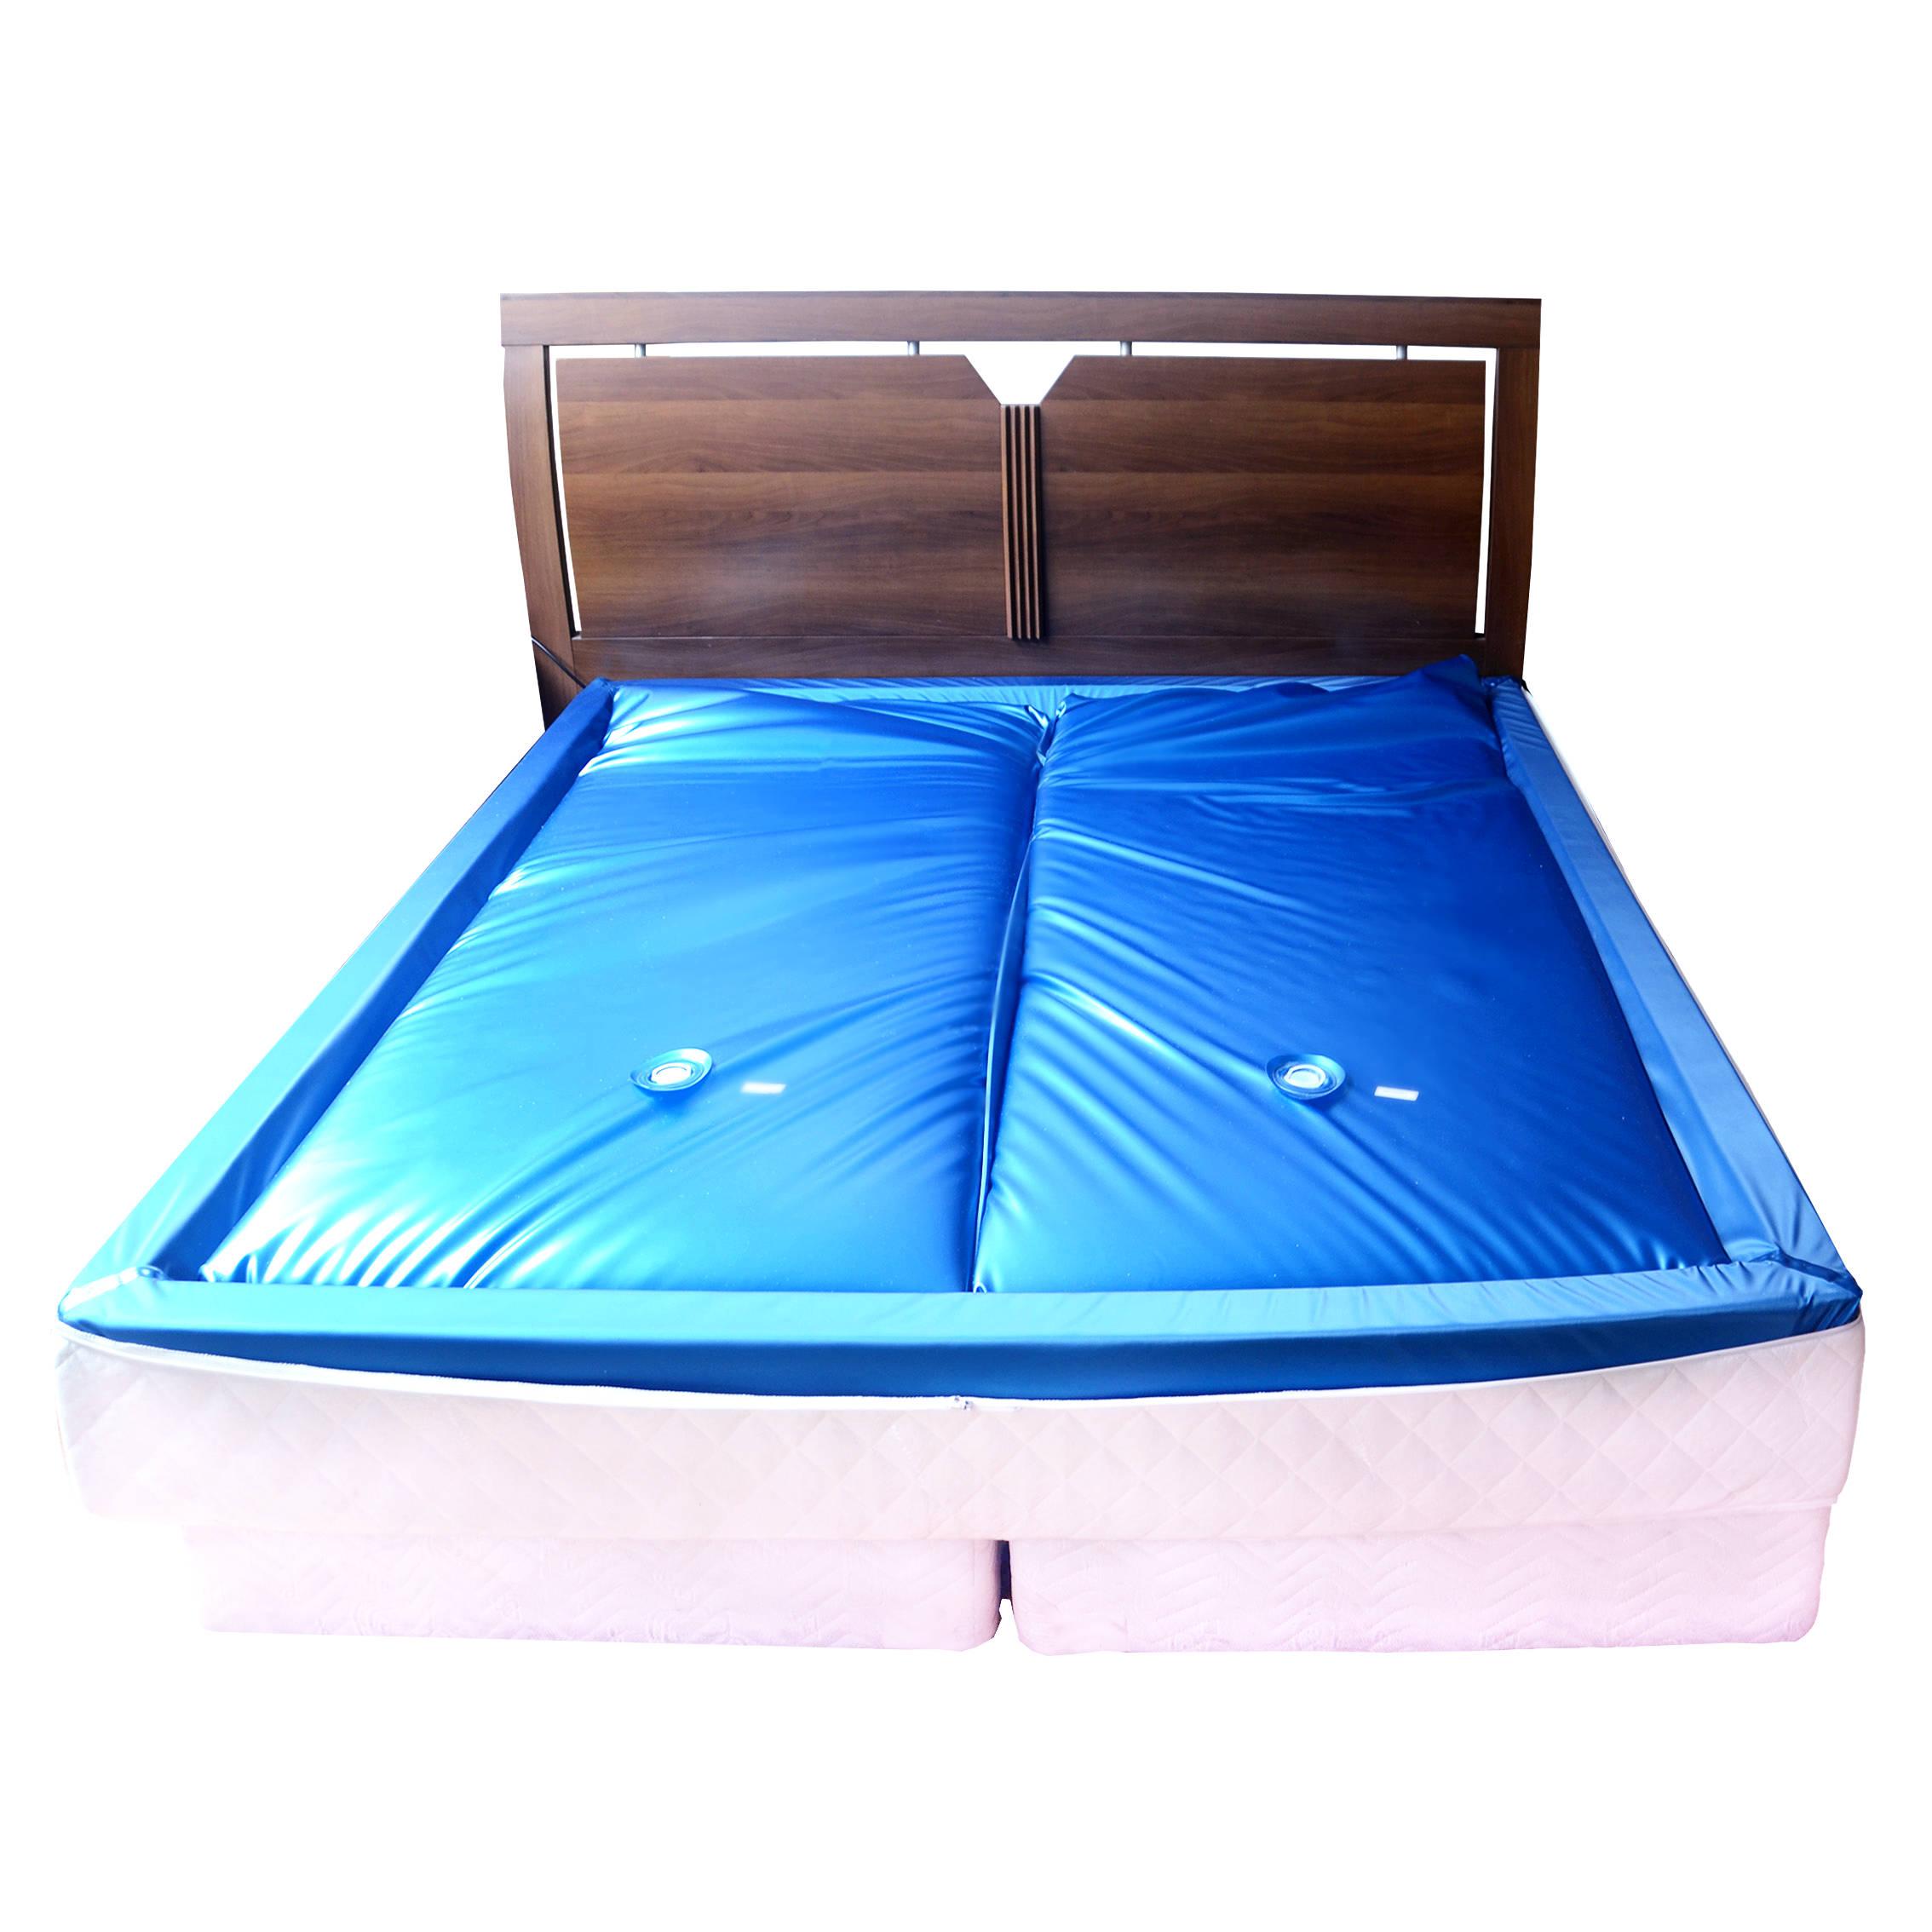 Soft side waterbed mattress best water bed - Jozy Mattress | Jozy.net